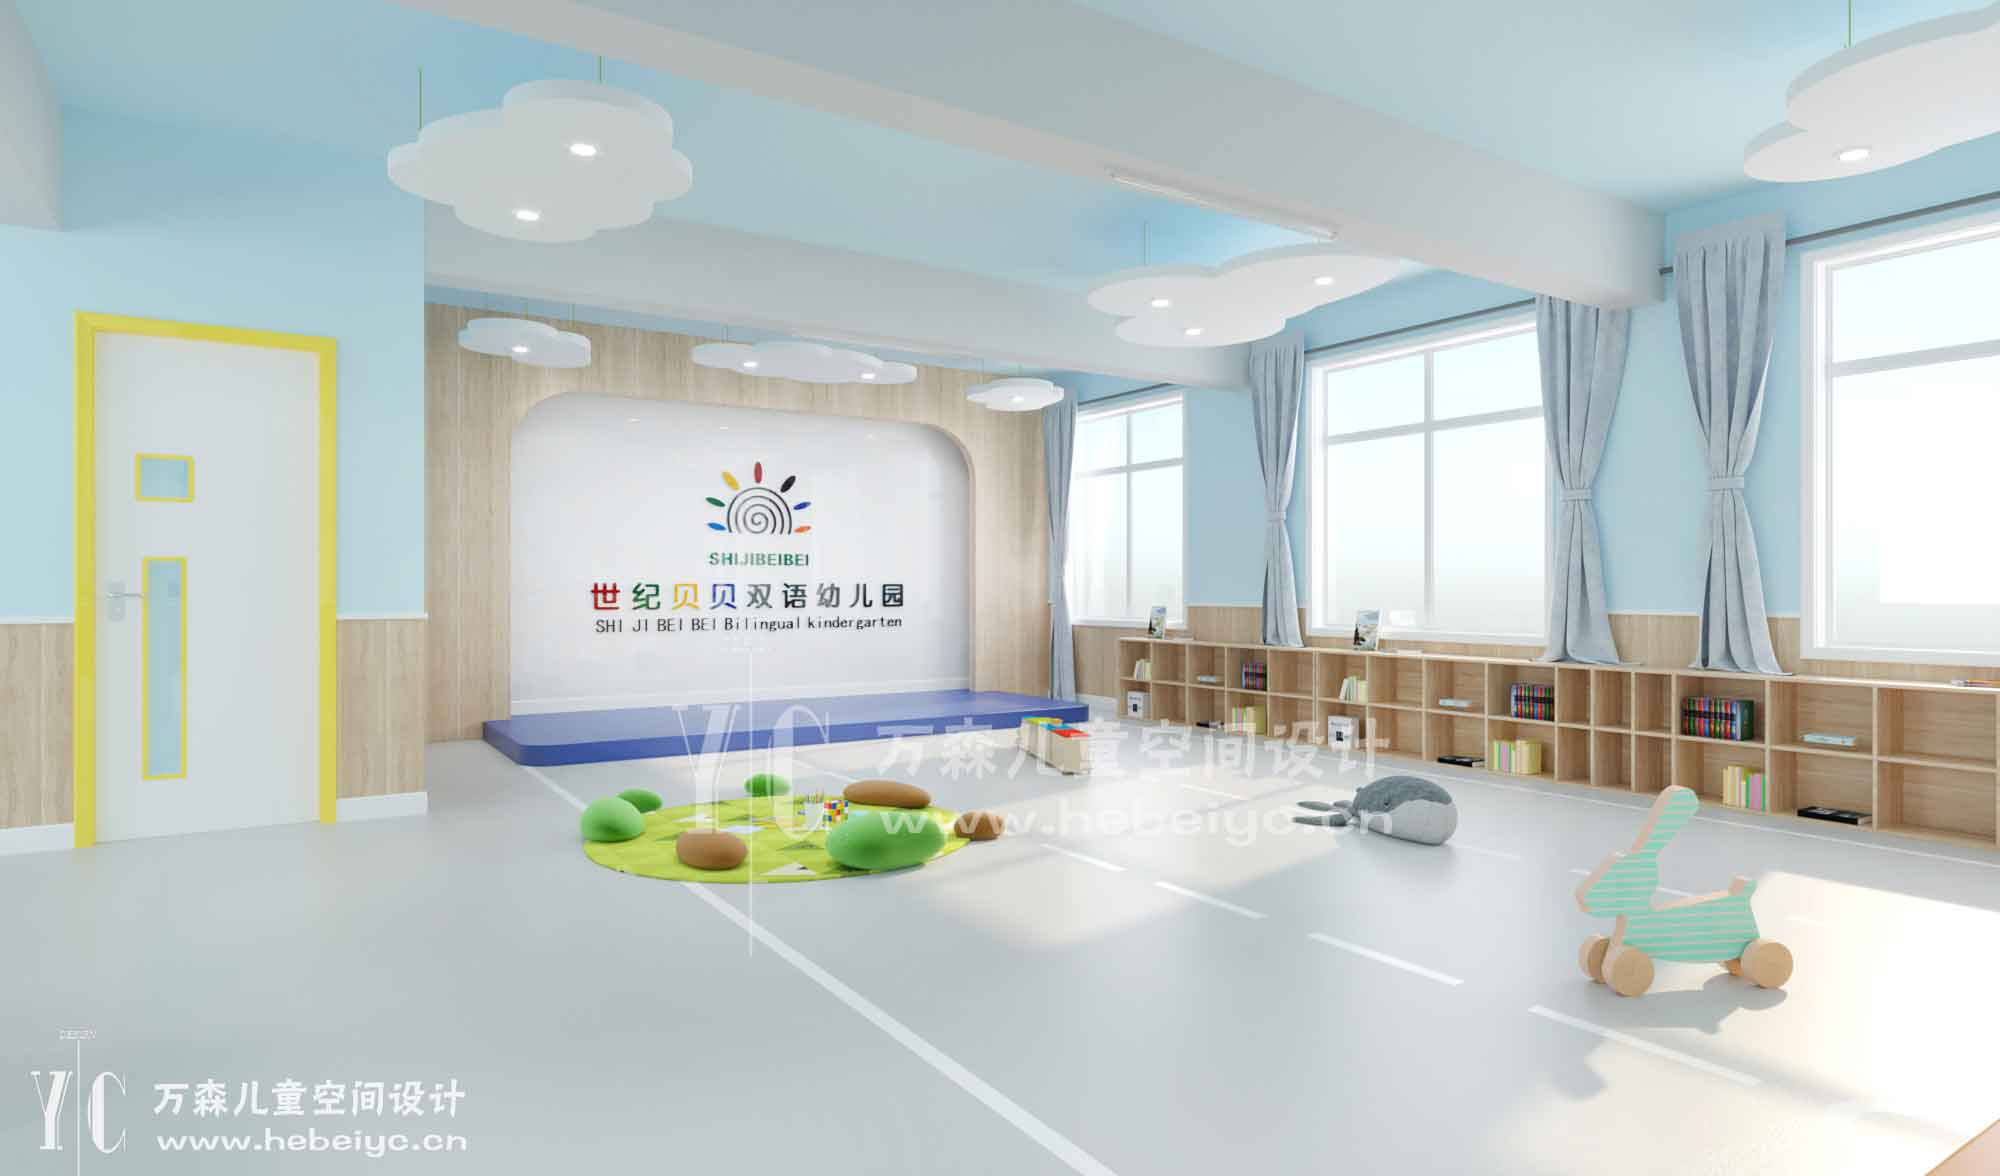 南宫市世纪贝贝幼儿园扩建